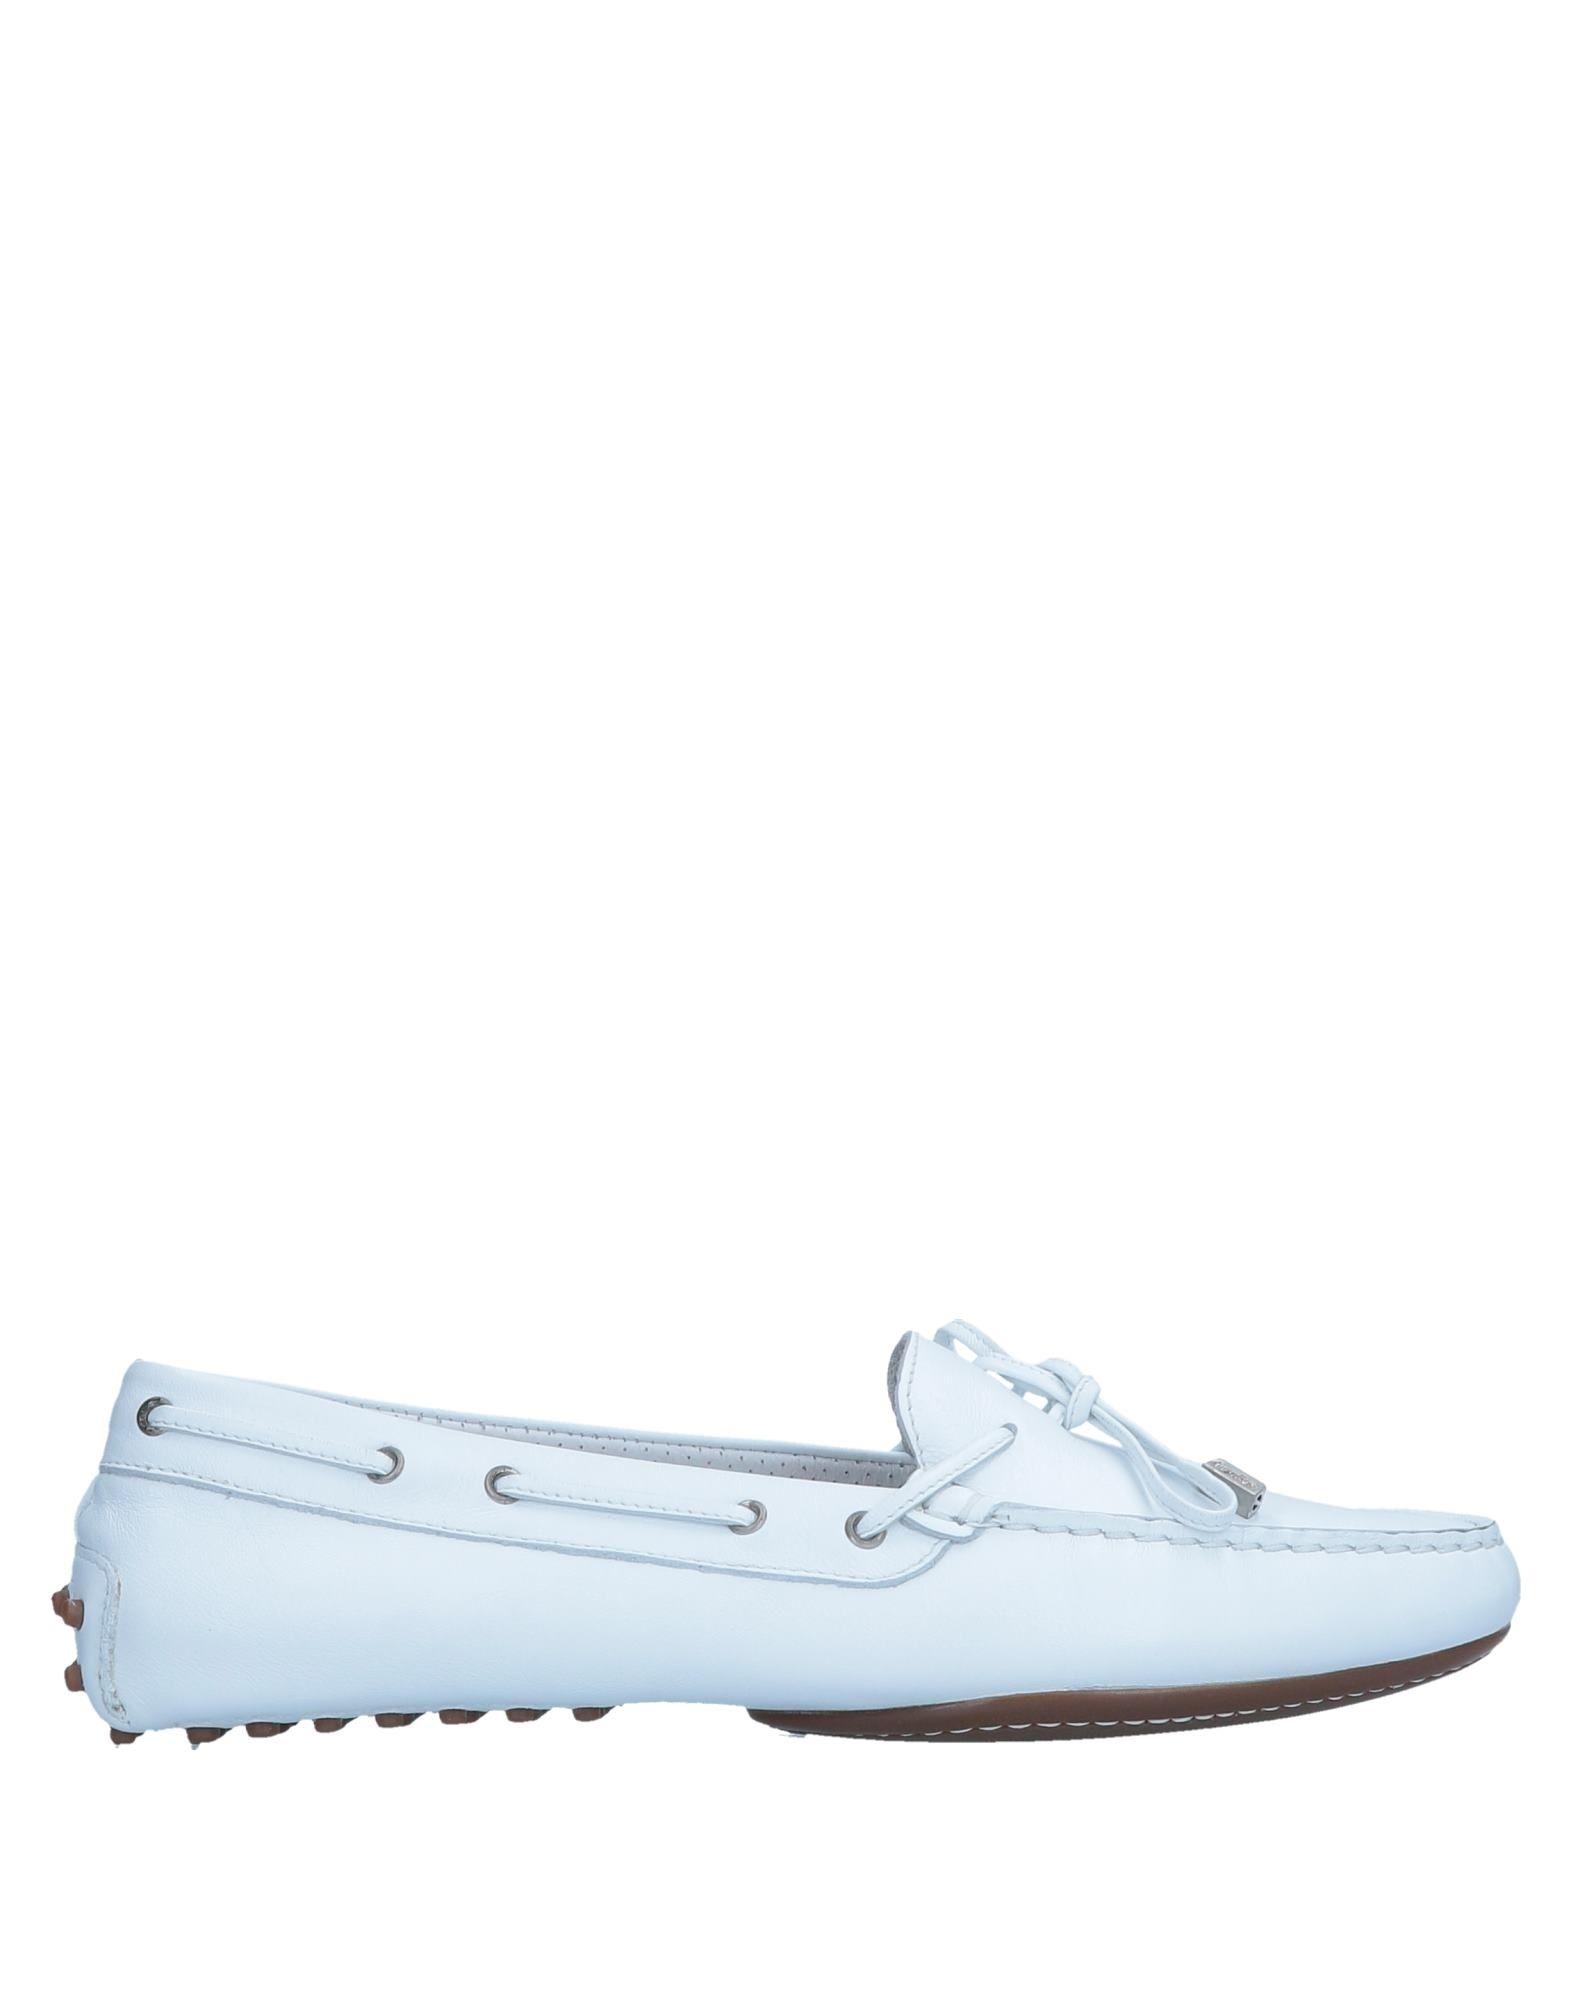 Alberto Guardiani Mokassins Damen  Schuhe 11548210PG Gute Qualität beliebte Schuhe  aa20b9